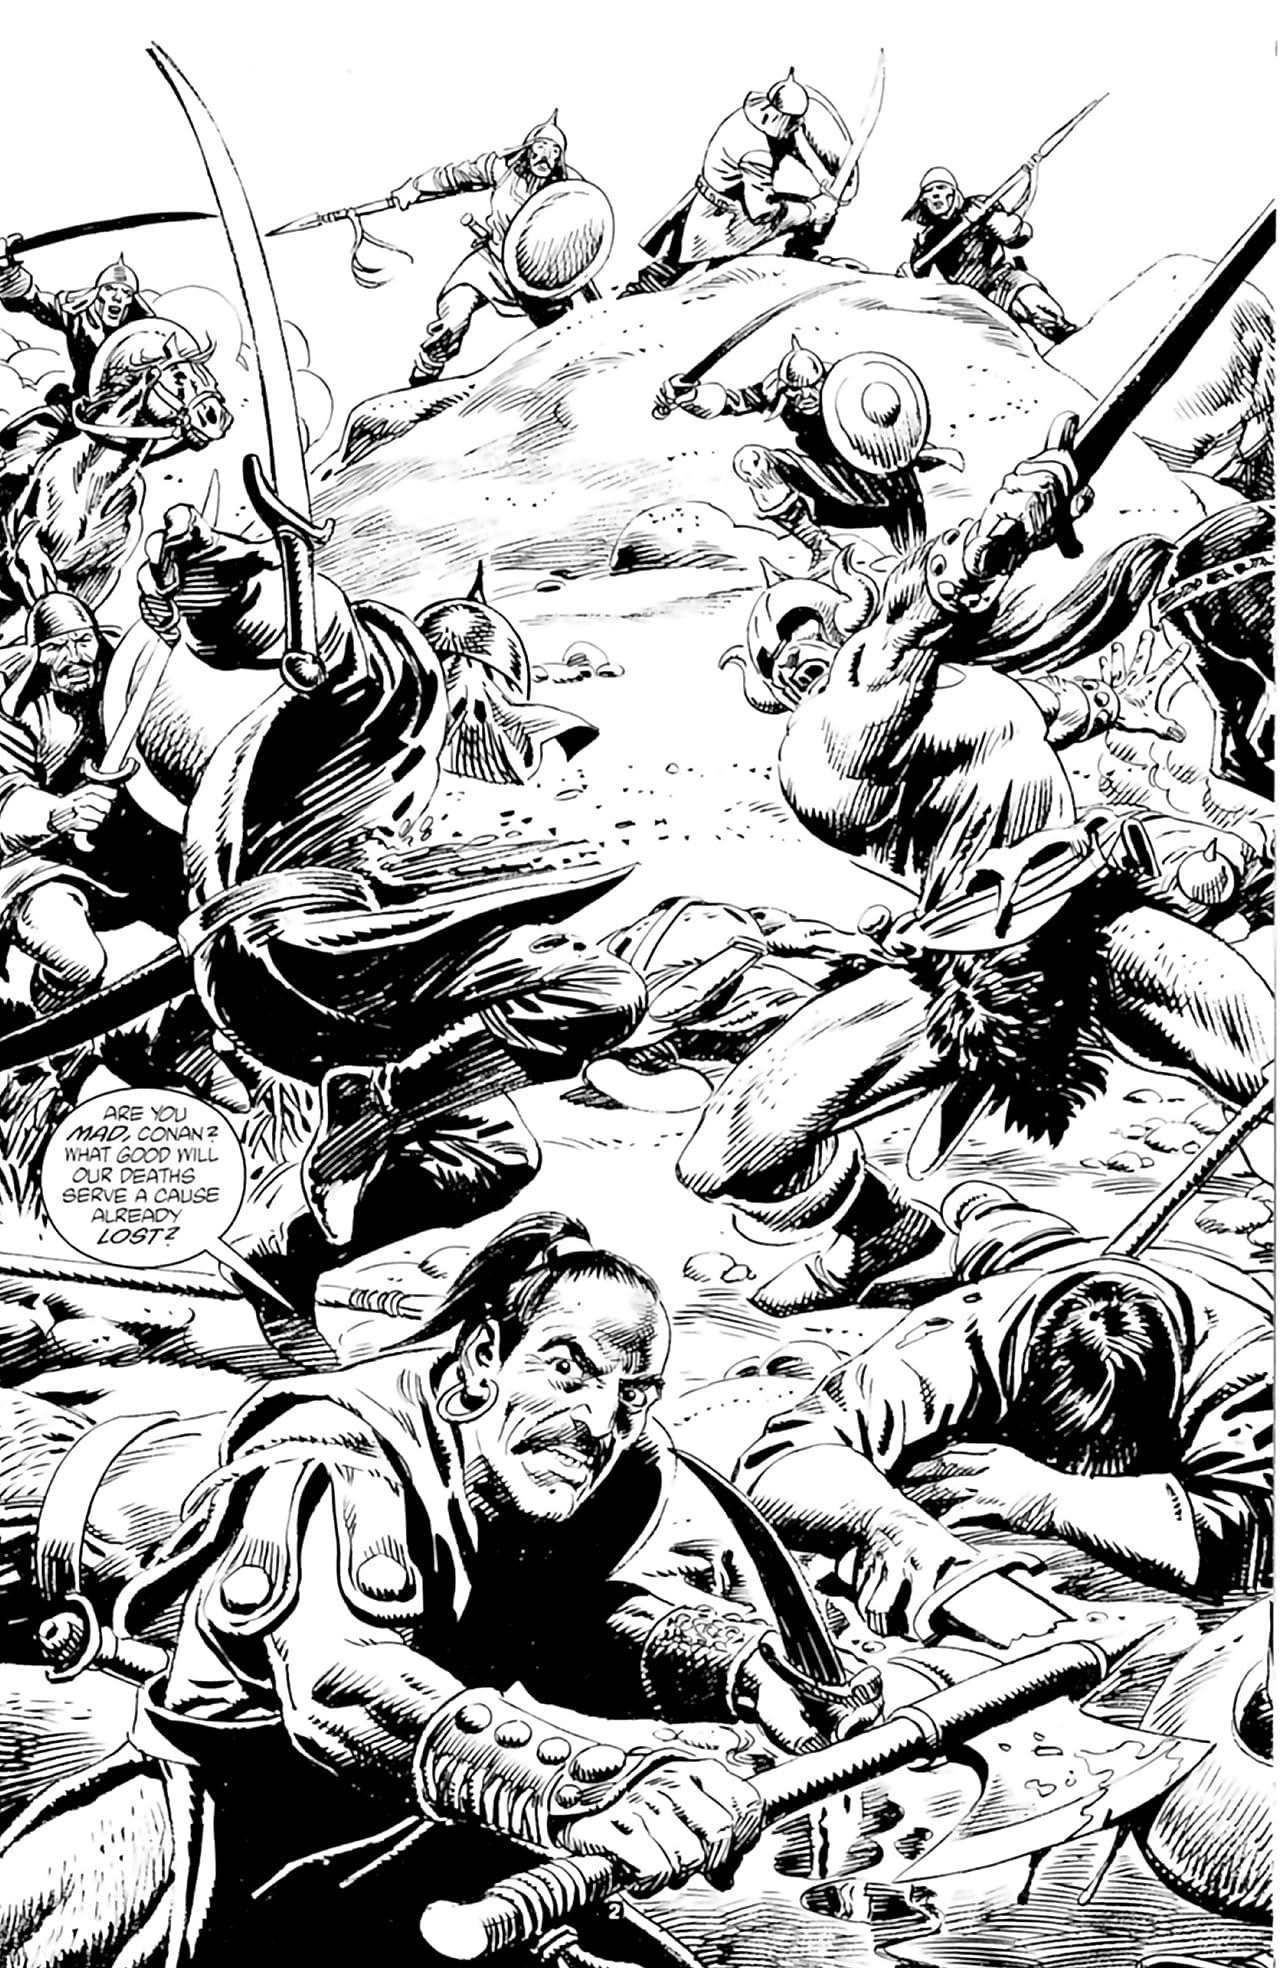 The Savage Sword of Conan Vol. 18